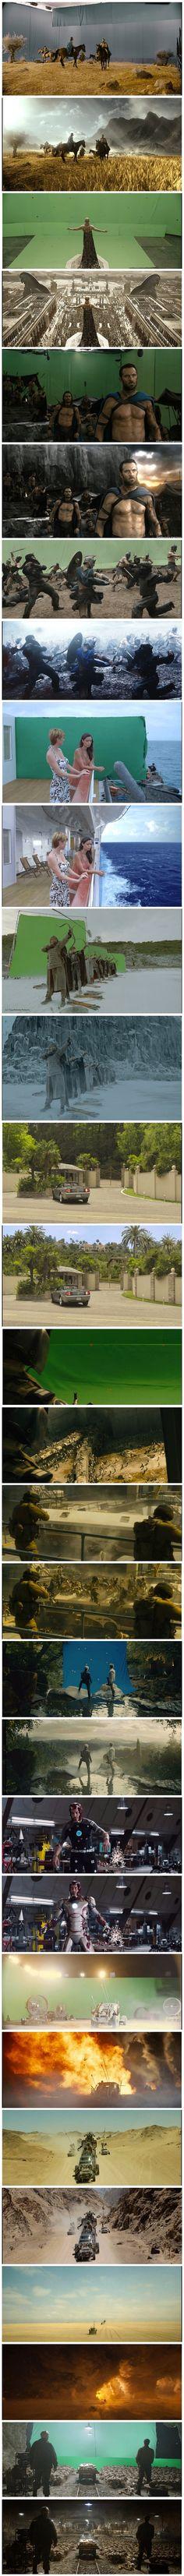 Escenas de pelis antes y después de los efectos especiales. - www.CABRONAZI.com